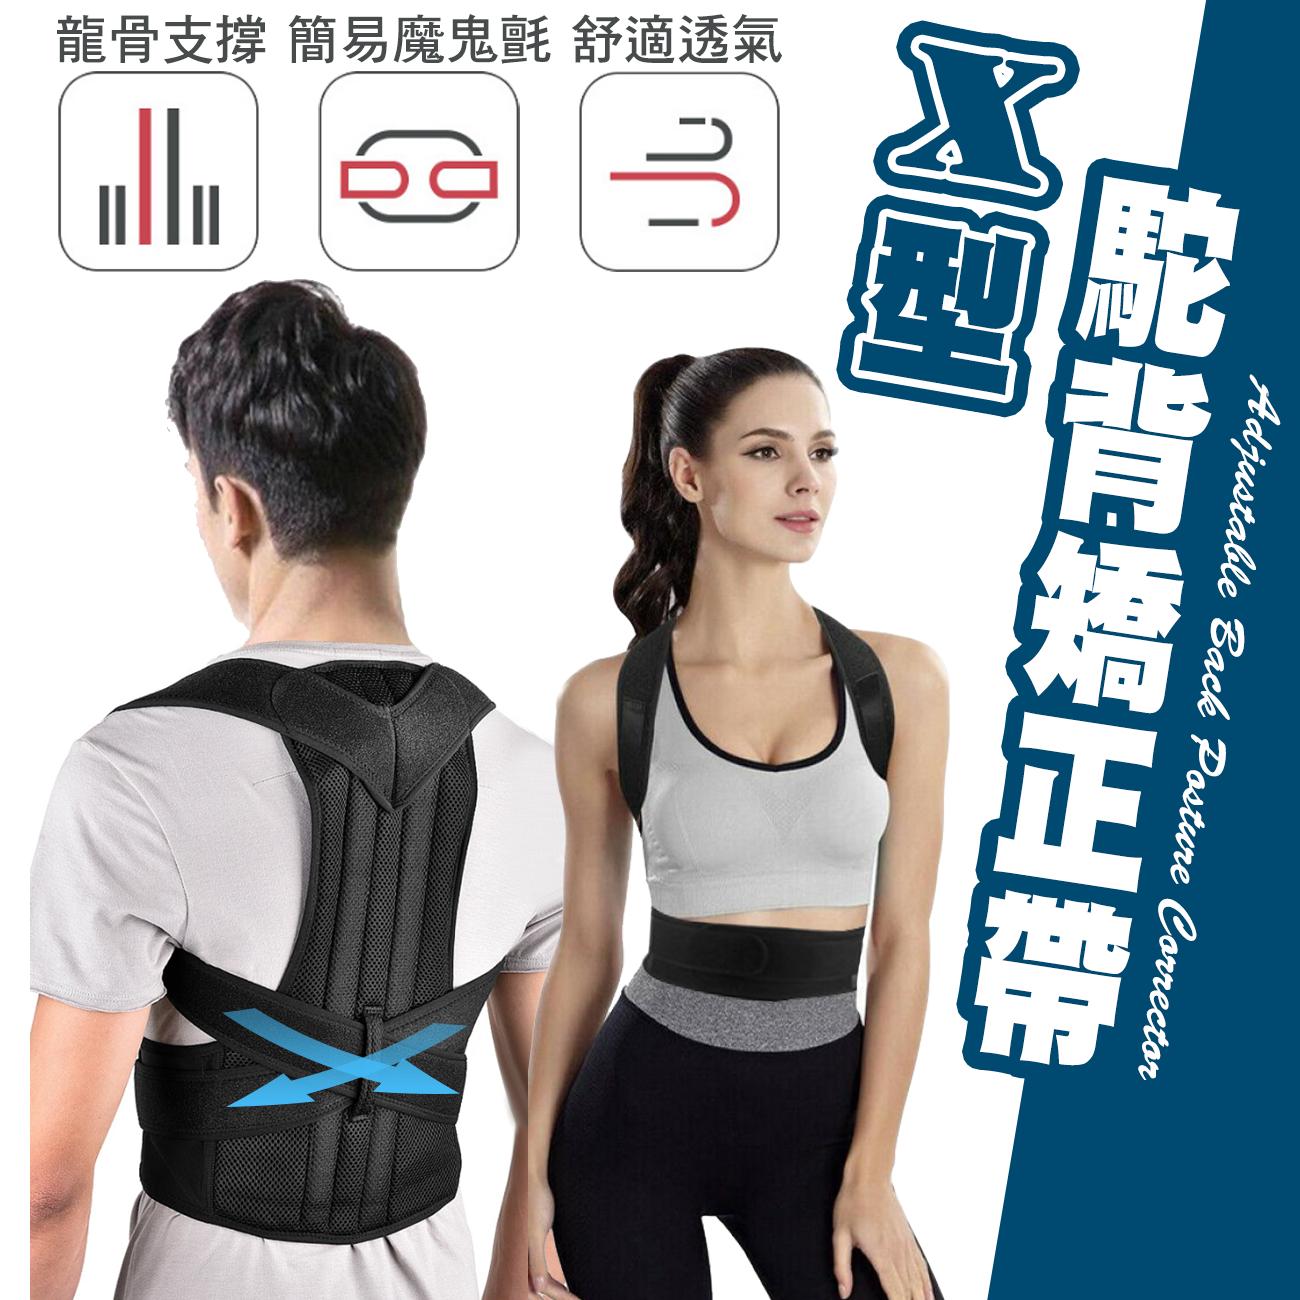 透氣X型矯正背帶 背心 補正帶 駝背帶 挺胸塑腹帶 駝背 矯正帶 托胸帶 美胸帶 束腰帶 挺胸束帶 0